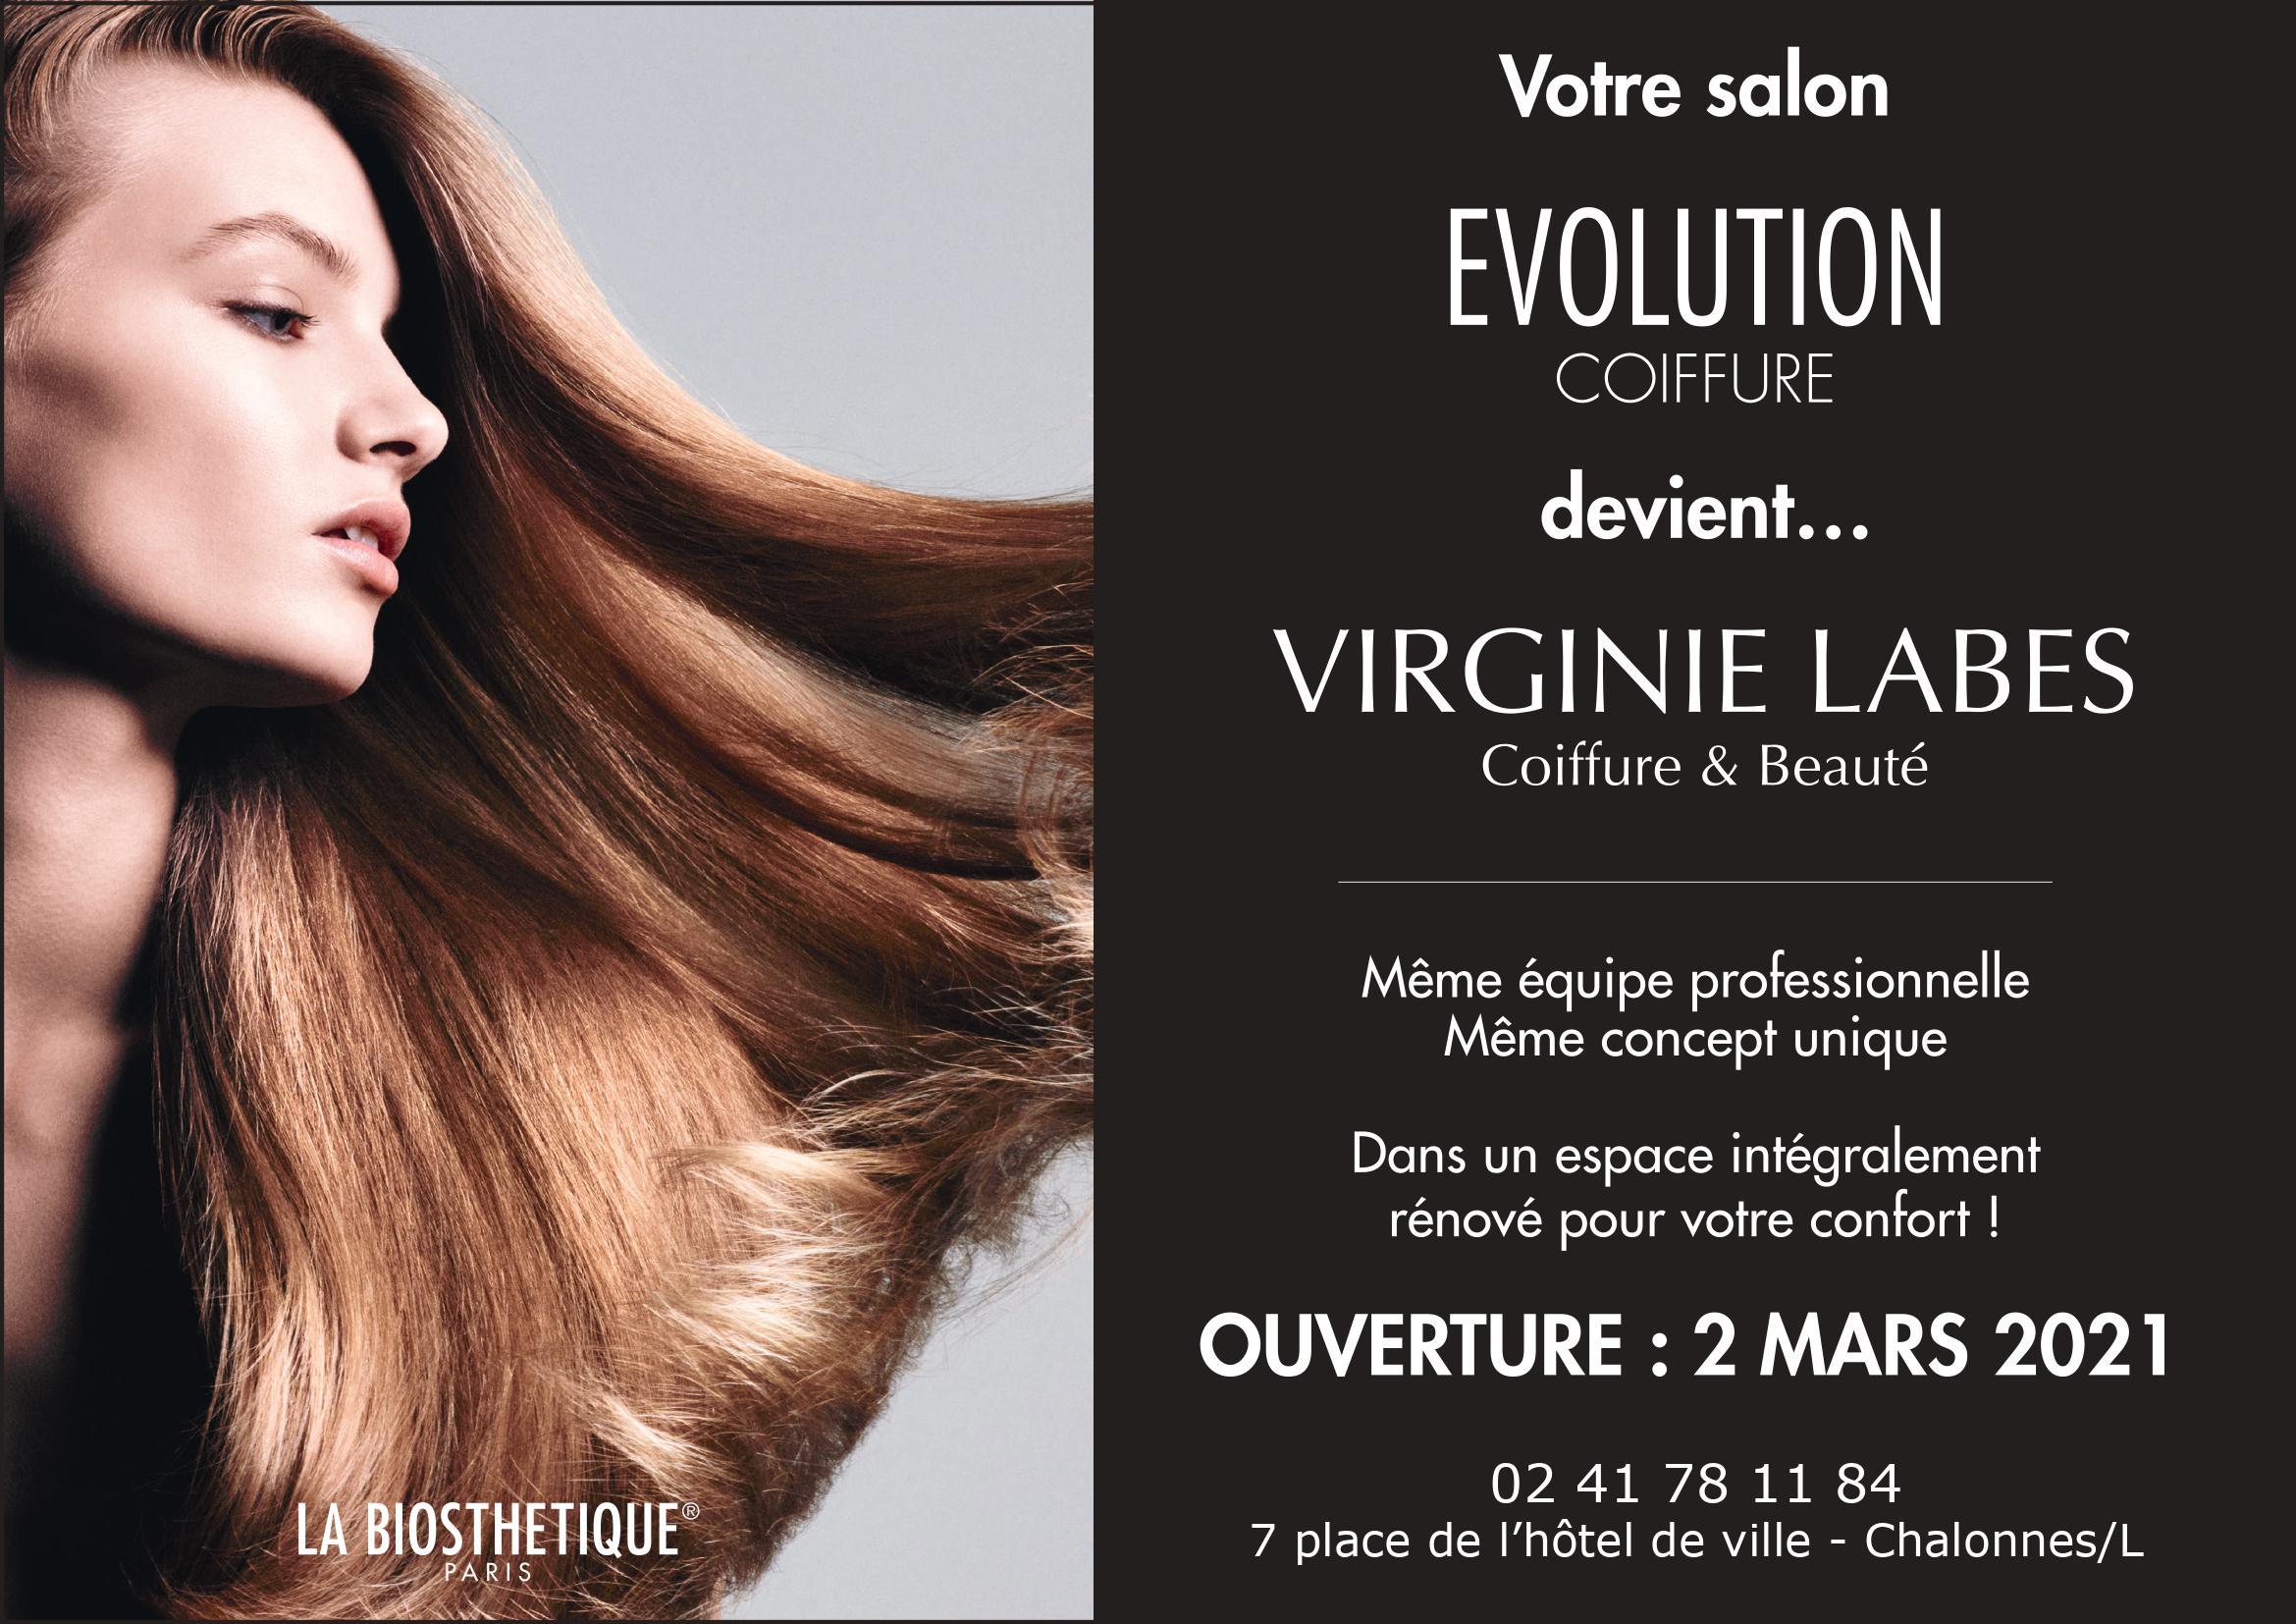 salon de coiffure chalonnes rendez-vous en ligne evolution